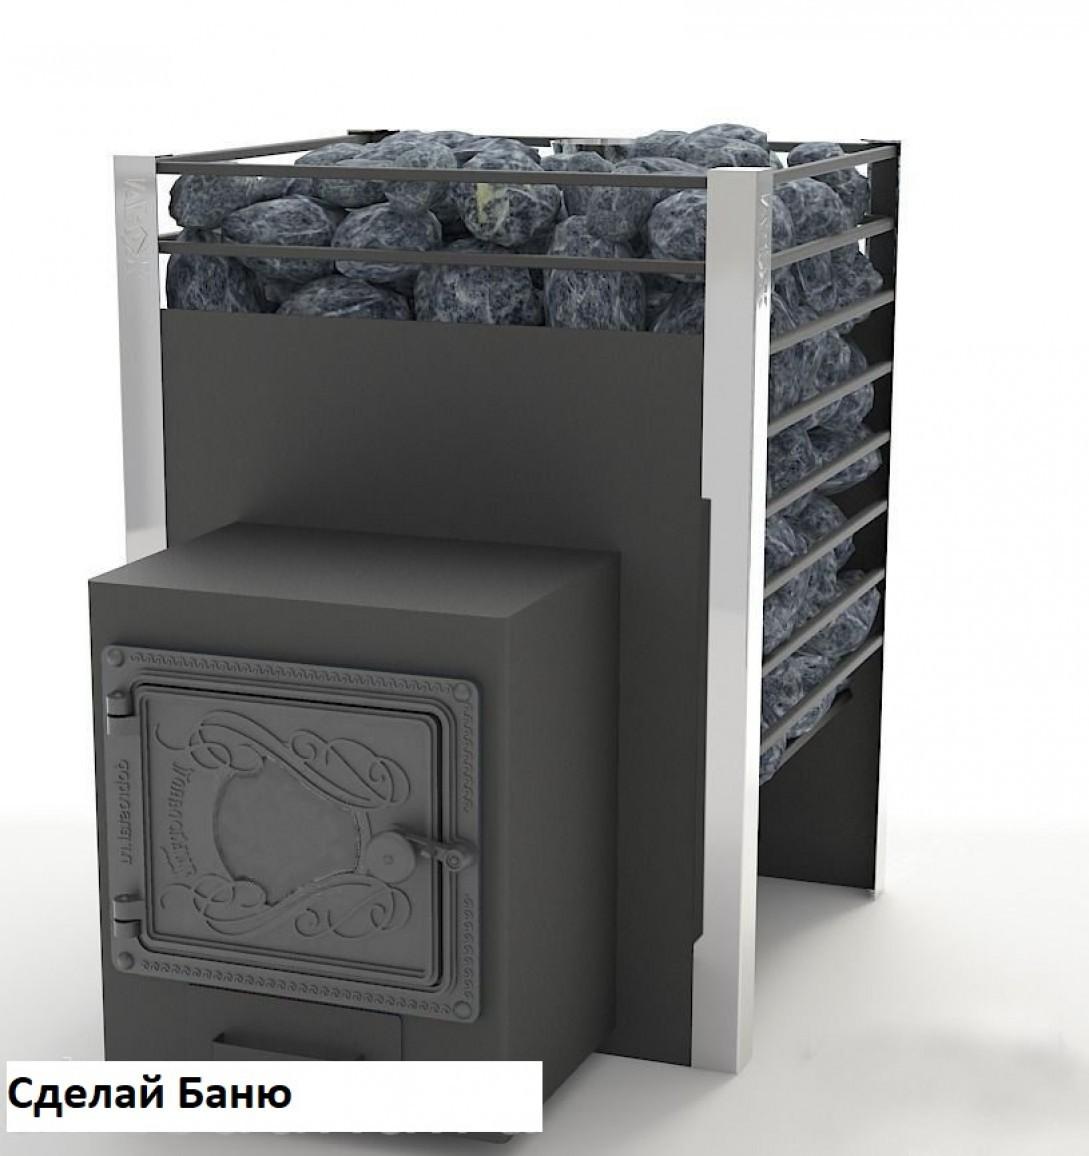 ЖАРА Печь банная ЖАРА-ЛЮКС 20 с закрытой каменкой и воронкой, со стандартной топочной дверцей